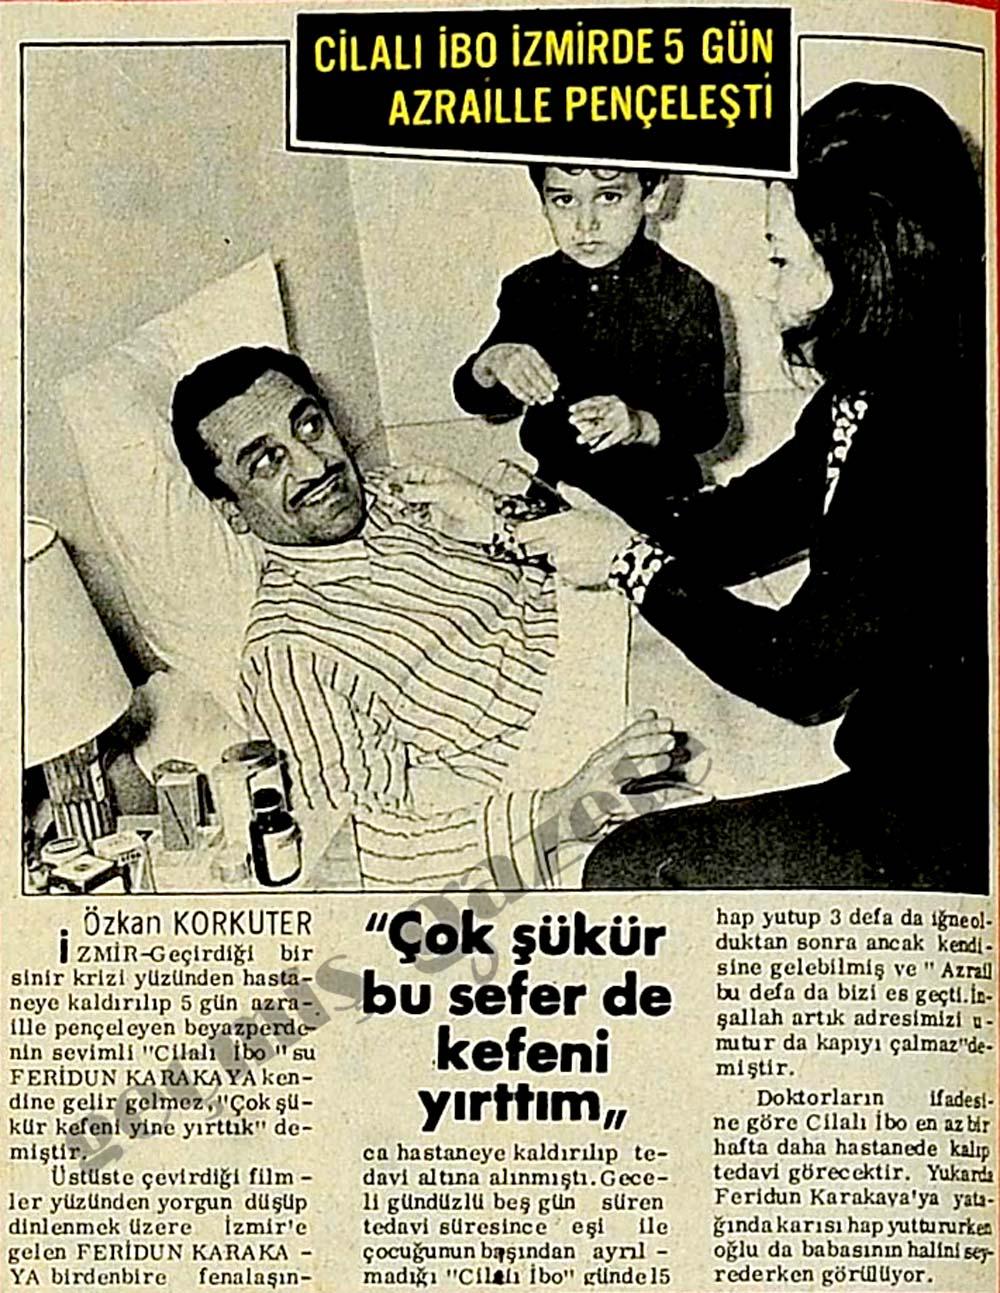 Cilalı İbo İzmirde 5 gün Azraille pençeleşti